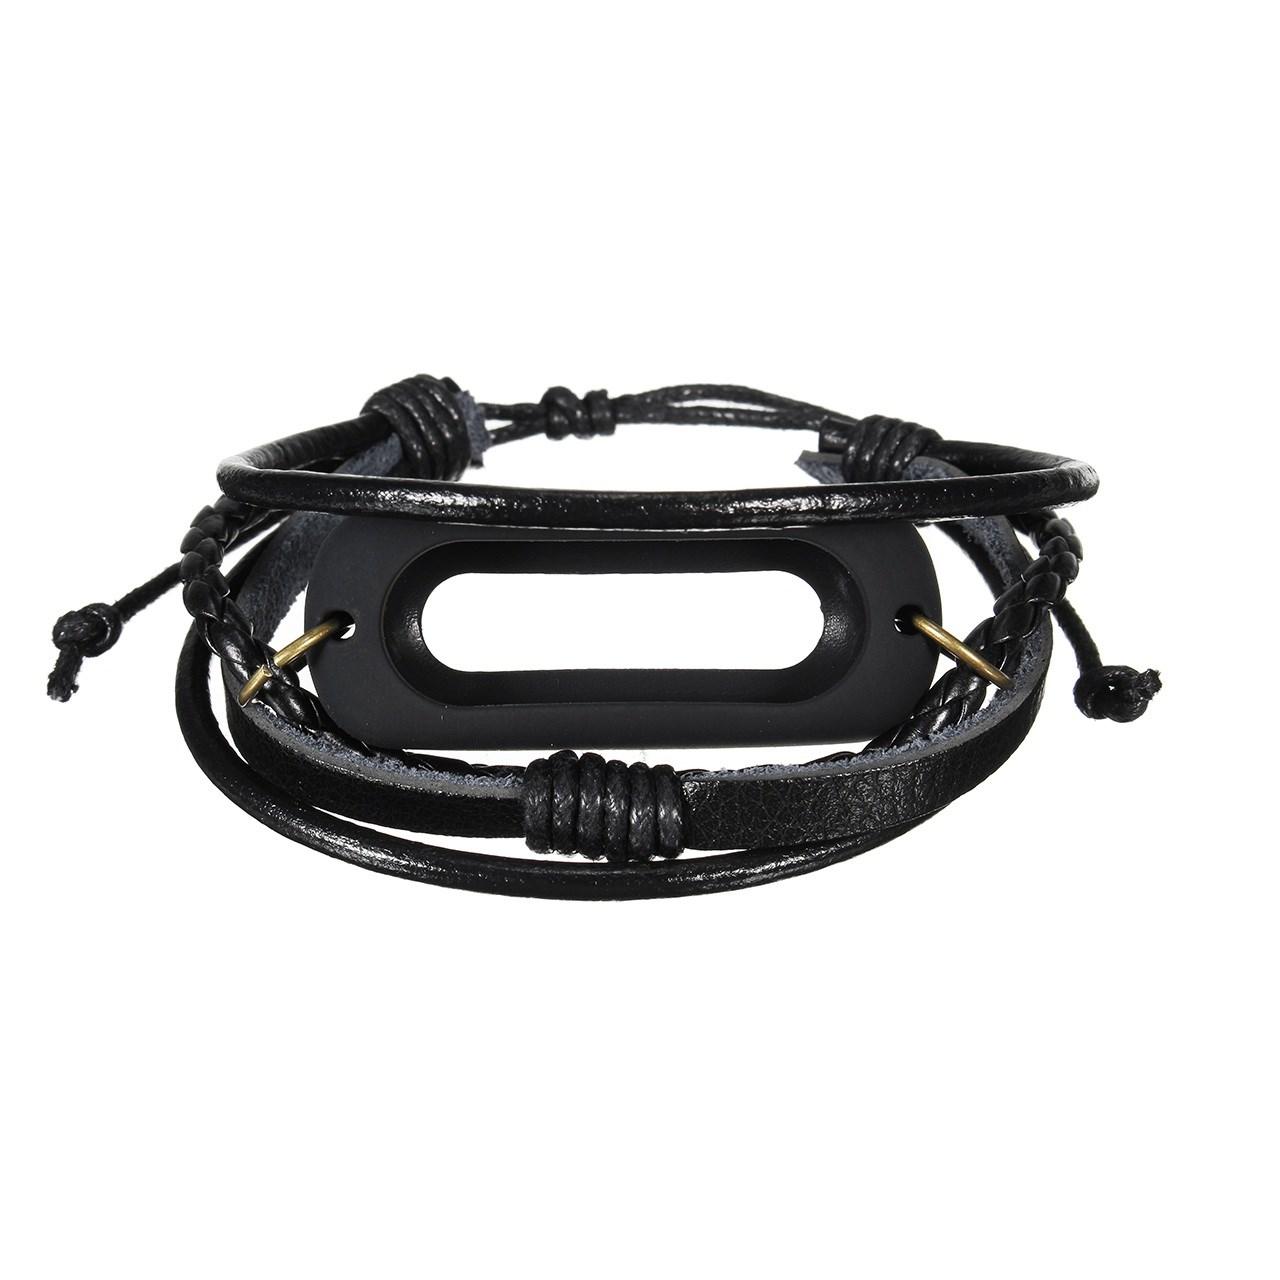 بند چرمی مدل Fantasy مناسب برای ساعت هوشمند Mi Band 2